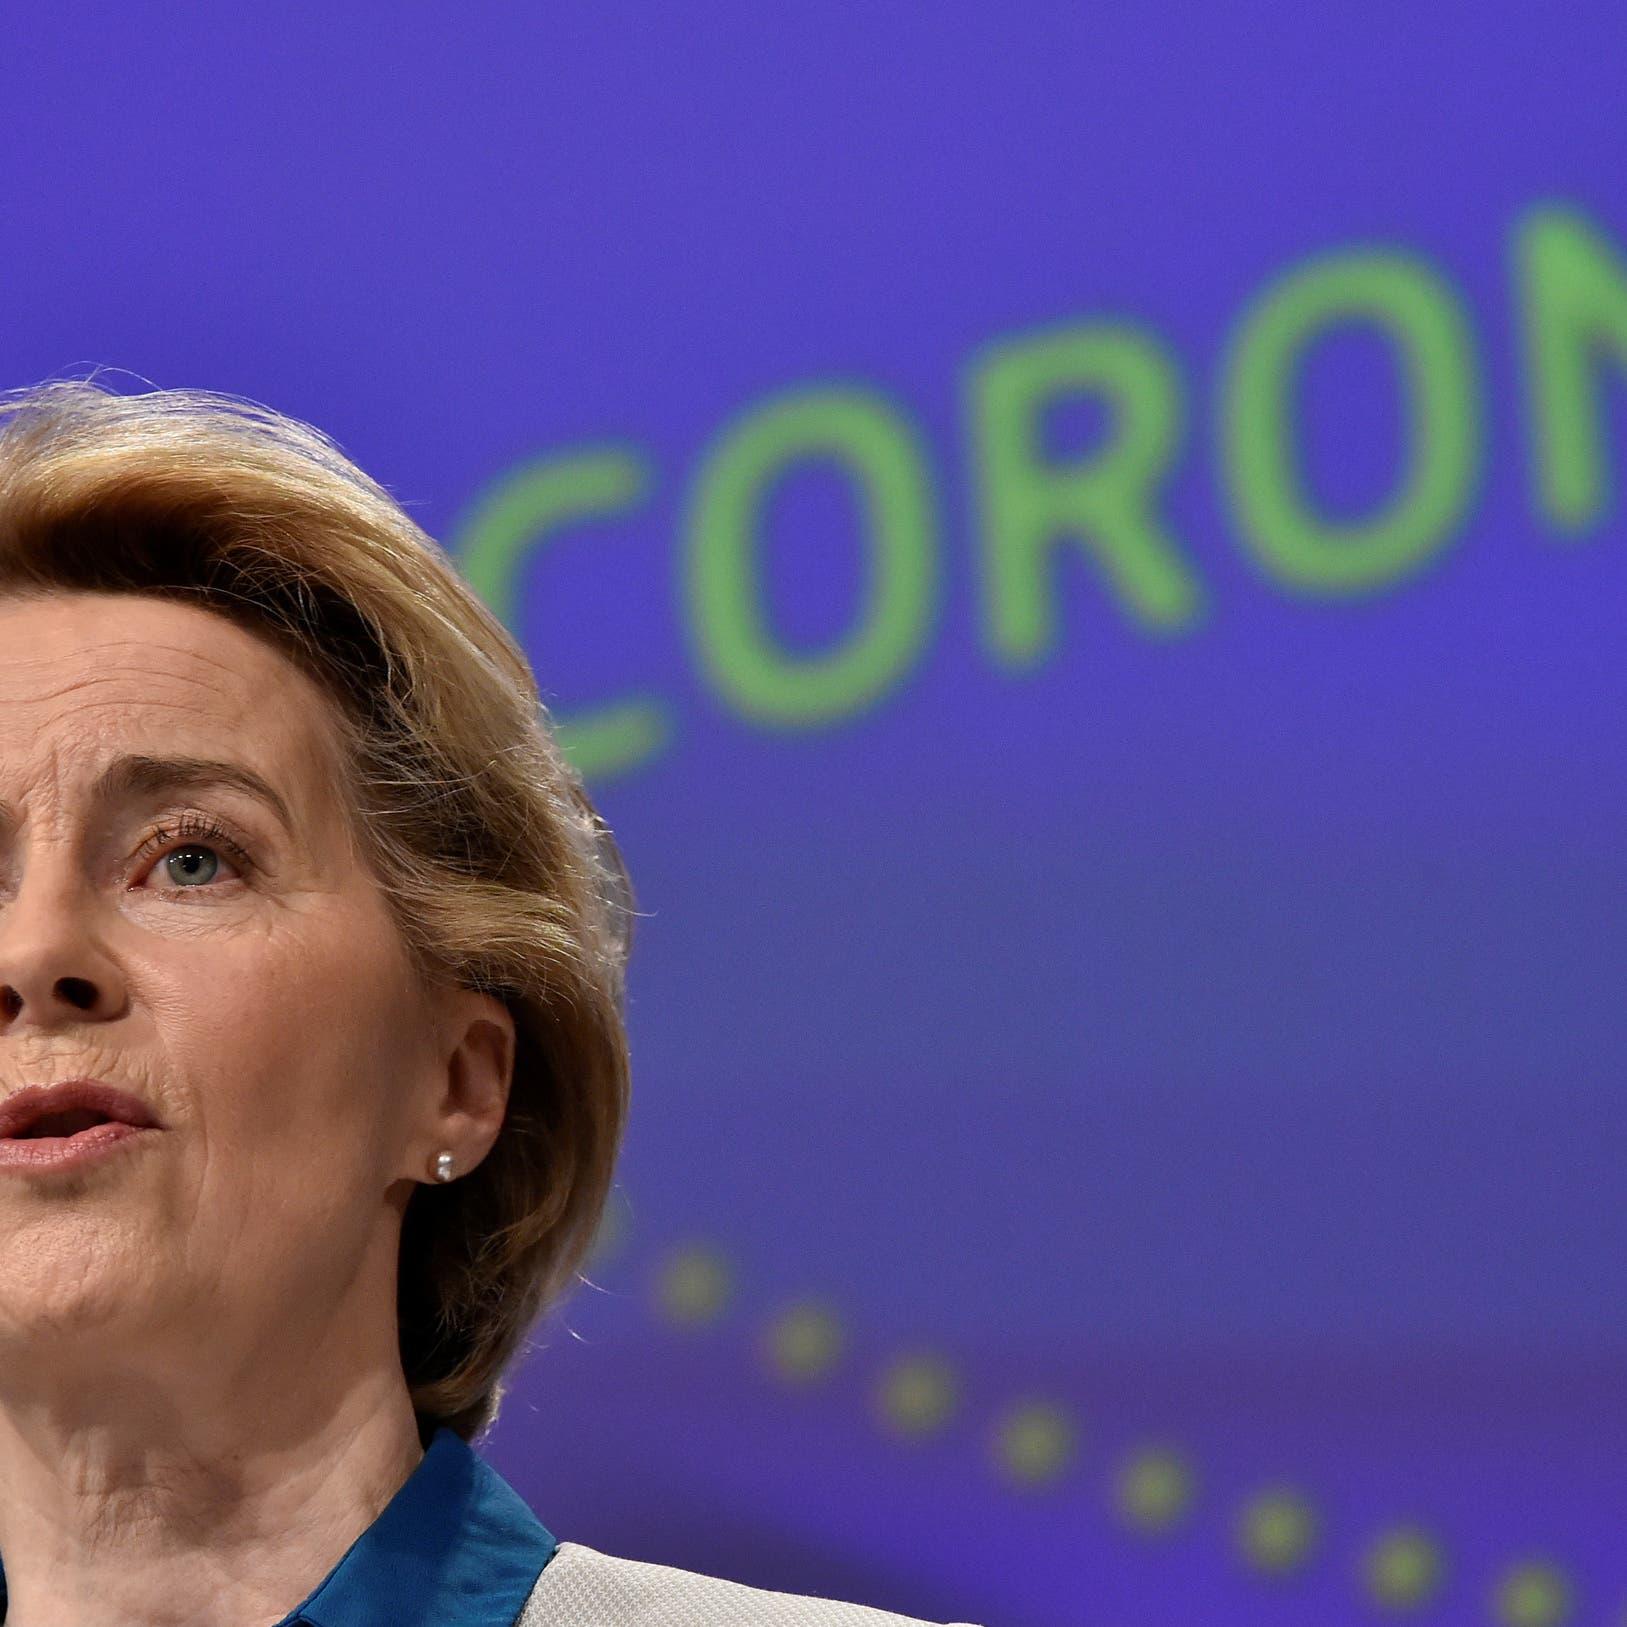 قمة عالمية تجمع 6.9 مليار دولار لمكافحة فيروس كورونا